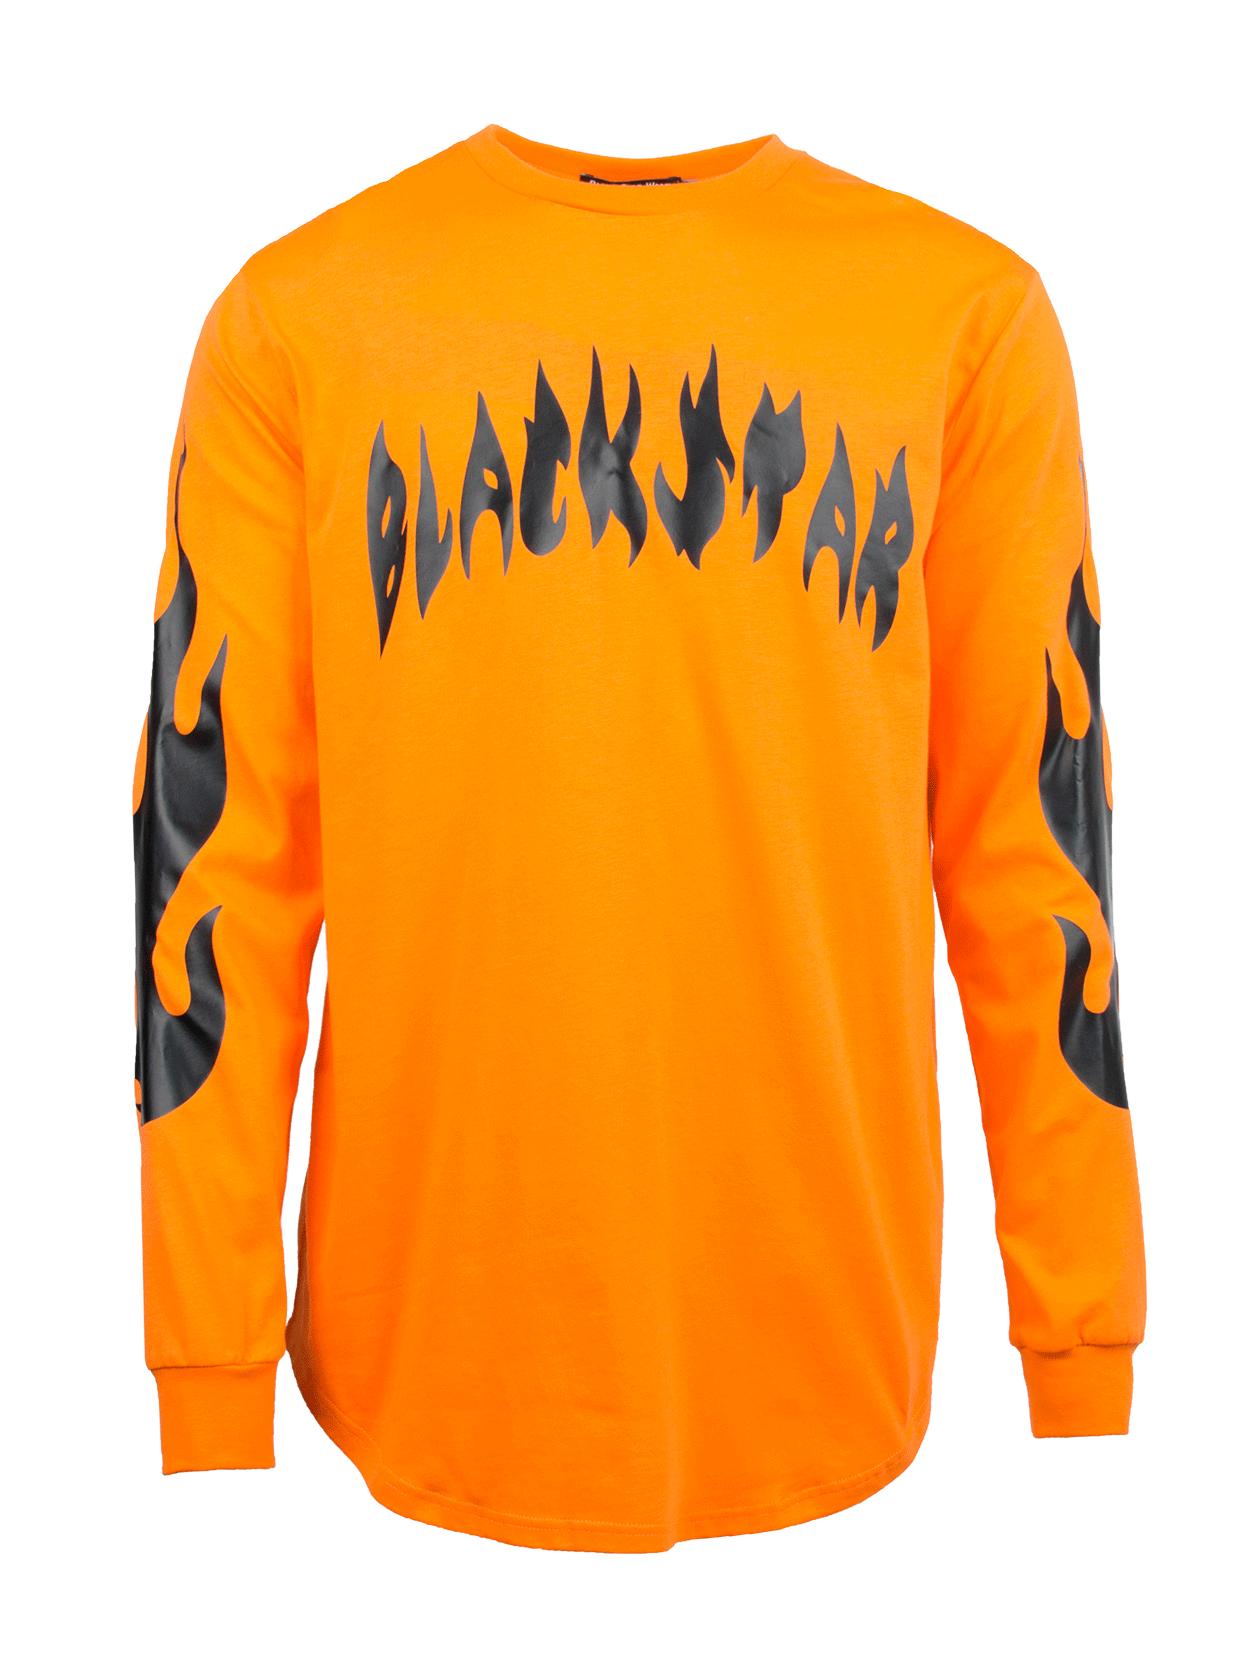 Лонгслив  FIRE FLAMEЯркий лонгслив мужской Fire Flame из уникальной коллекции Orange Flame создан для энергичных молодых людей с внутренним огнем. Модель теплой оранжевой расцветки с эффектным принтом в виде надписи Black Star на груди и черных языков пламени на рукавах. Лаконичный крой изделия делает его комфортным предметом гардероба на каждый день. Манжеты дополнены гофрированной резинкой для лучшей посадки вещи, удлиненный низ обладает полукруглой формой. Специальная технология пошива с использованием 100% хлопка обеспечивает долговечность и практичность лонгслива.<br><br>Размер: XS<br>Цвет: Оранжевый<br>Пол: Мужской